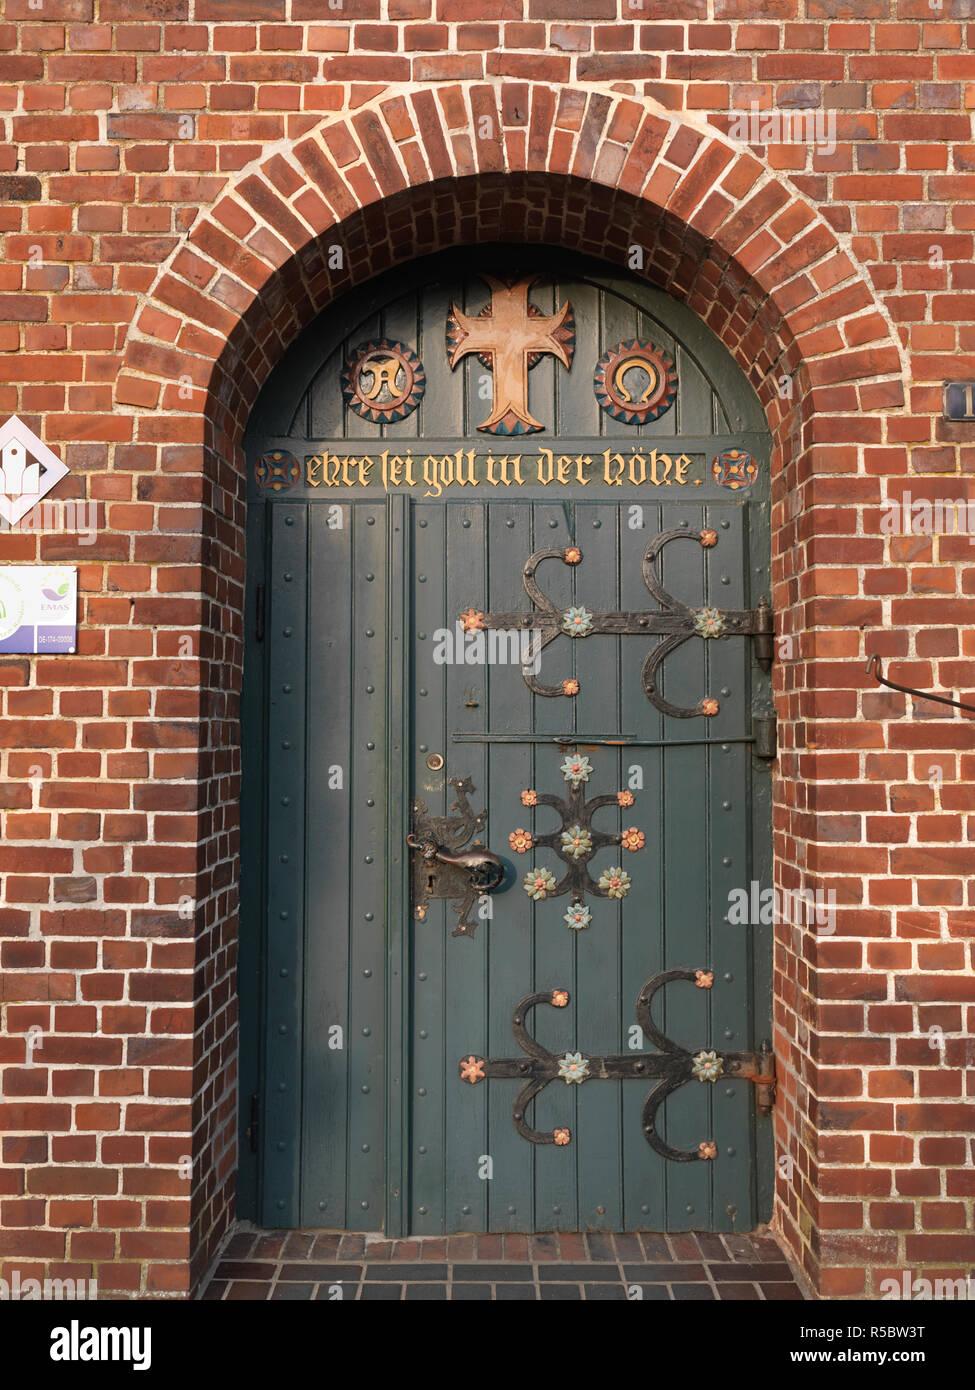 Tür von der St. Matthias Kirche, Jork, Landkreis Stade, Niedersachsen, Deutschland - Stock Image